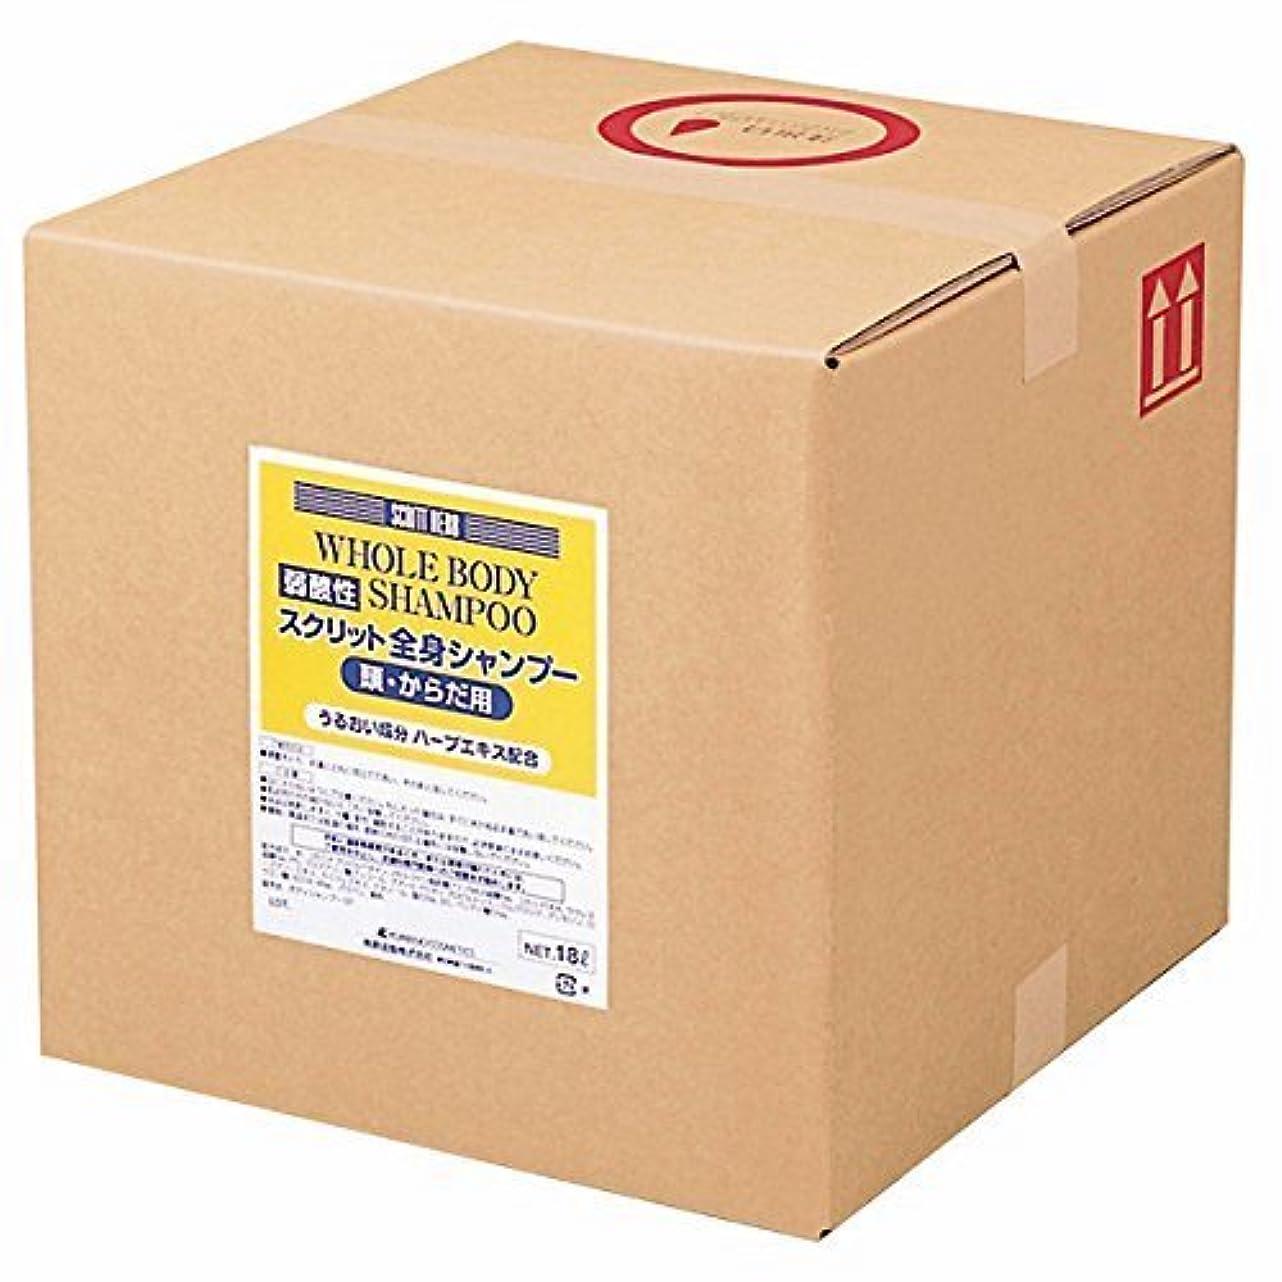 鋼抵当払い戻し業務用 SCRITT(スクリット) 全身シャンプー 18L 熊野油脂 (コック付き)